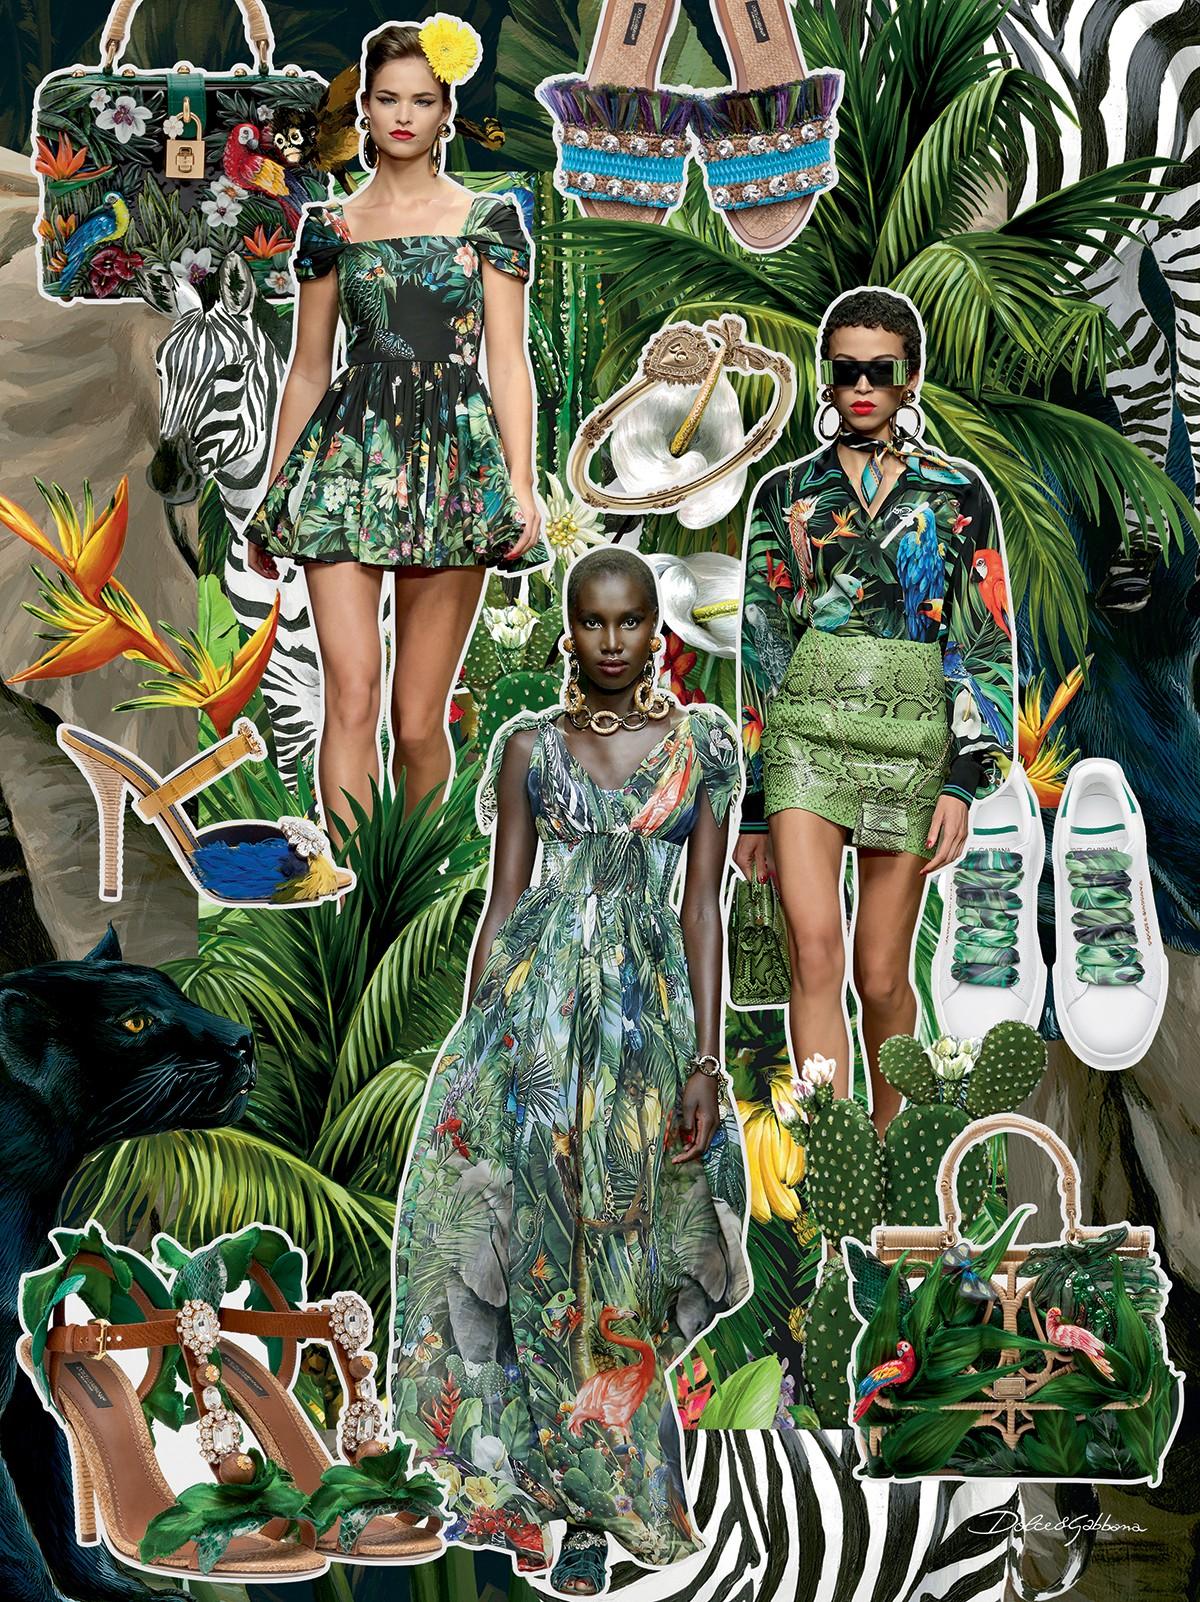 Dolce & Gabbana - A herança italiana se mistura com motivos tropicais em inspiração do verão 2020 da grife (Foto: Cortesia Dolce & Gabbana)